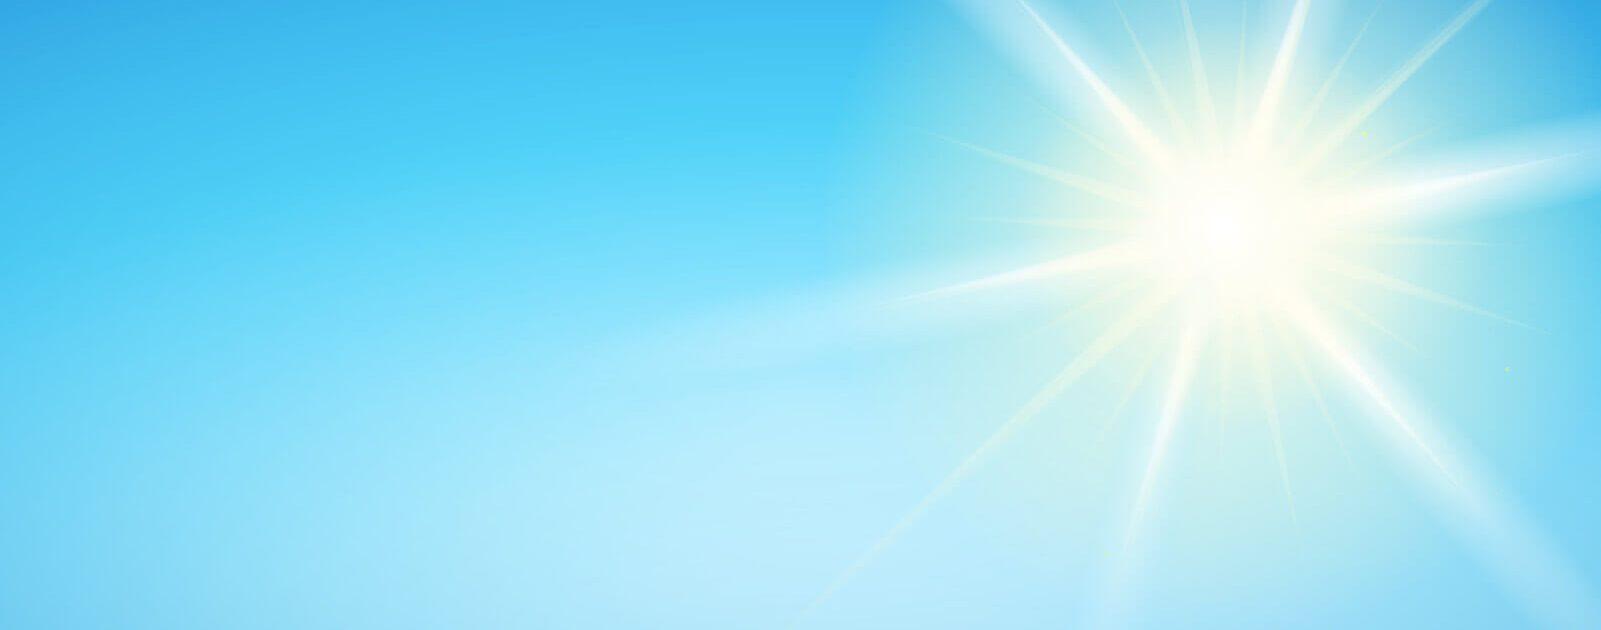 Wer direkt in die Sonne zu schaut, schadet seinen Augen nachhaltig.